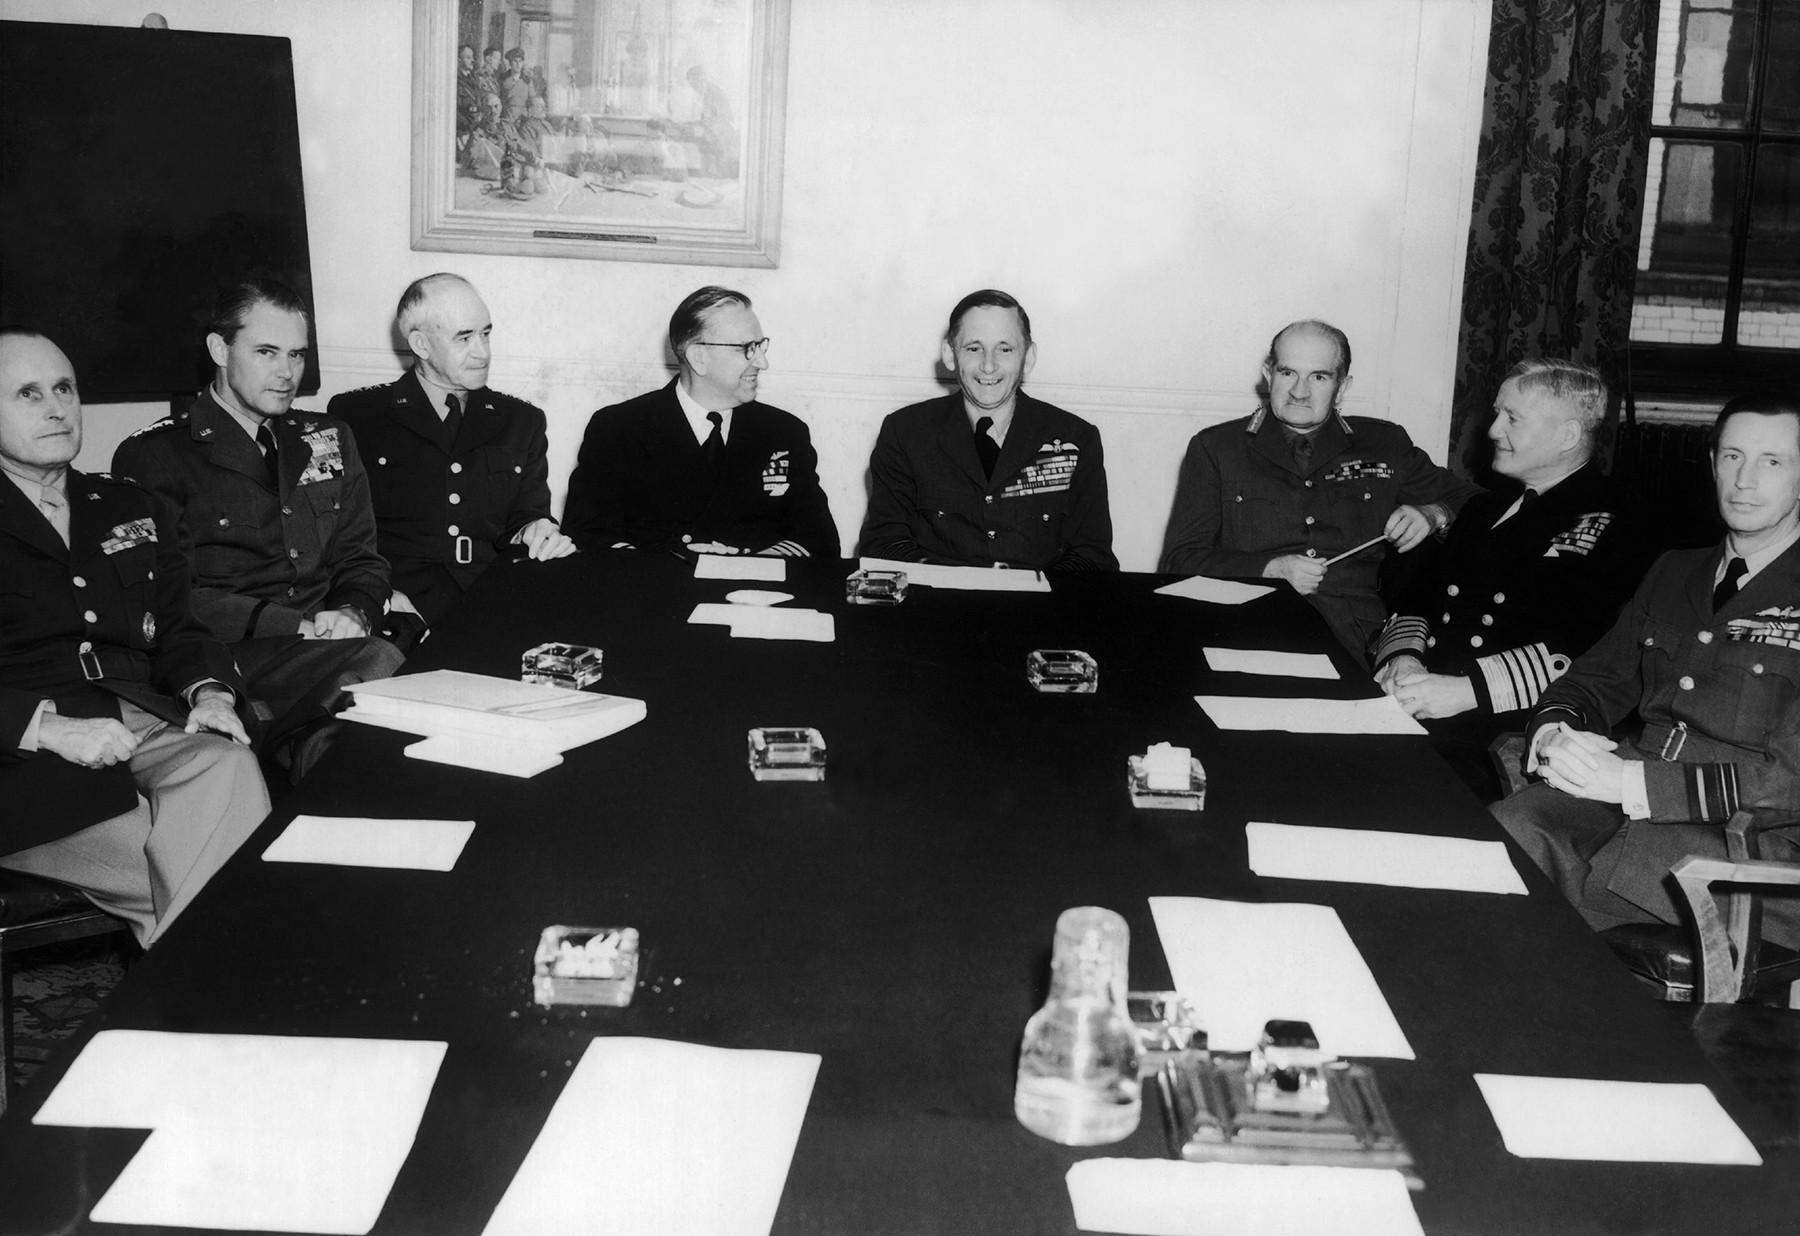 ロンドンの会議にて。左から右:アルフレド・グルンター、ホイト・ヴァンデンバーグ、オマール・ブラッドレー、ルイス・デンフェルド、ウィリアム・テッダー、ウィリアム・スリム、フレーザー元帥、ウィリアム・エリオト。